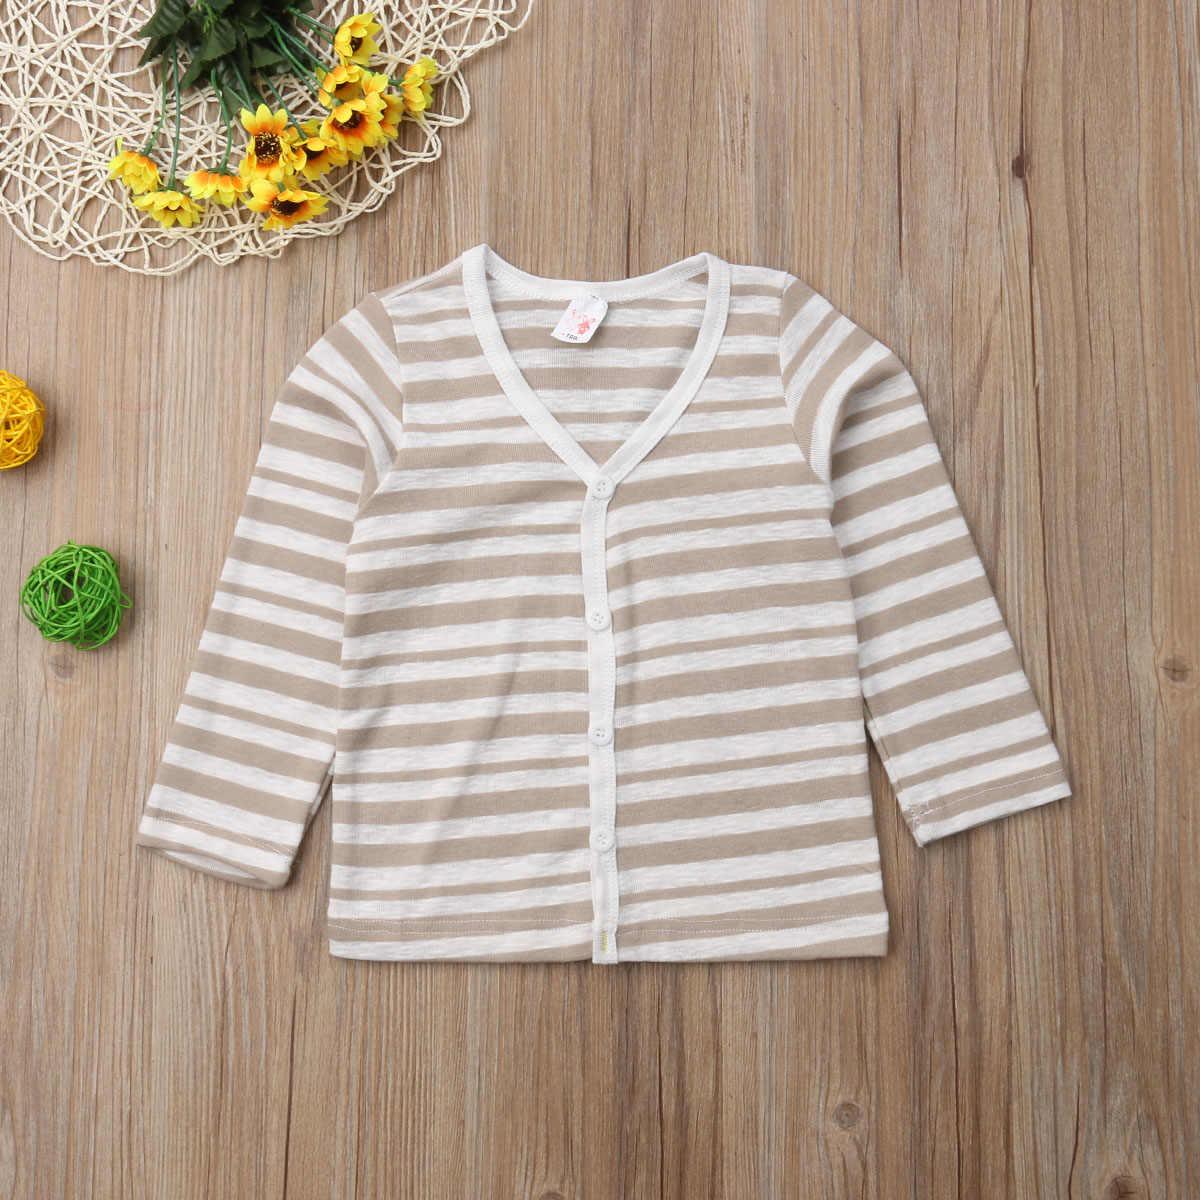 2018 חדש סתיו מזדמן תינוק תינוק בנות בני סרוג חולצות קרדיגן מעיל מוצק פסים ארוך שרוול יחיד חזה מעילי 1-6Y